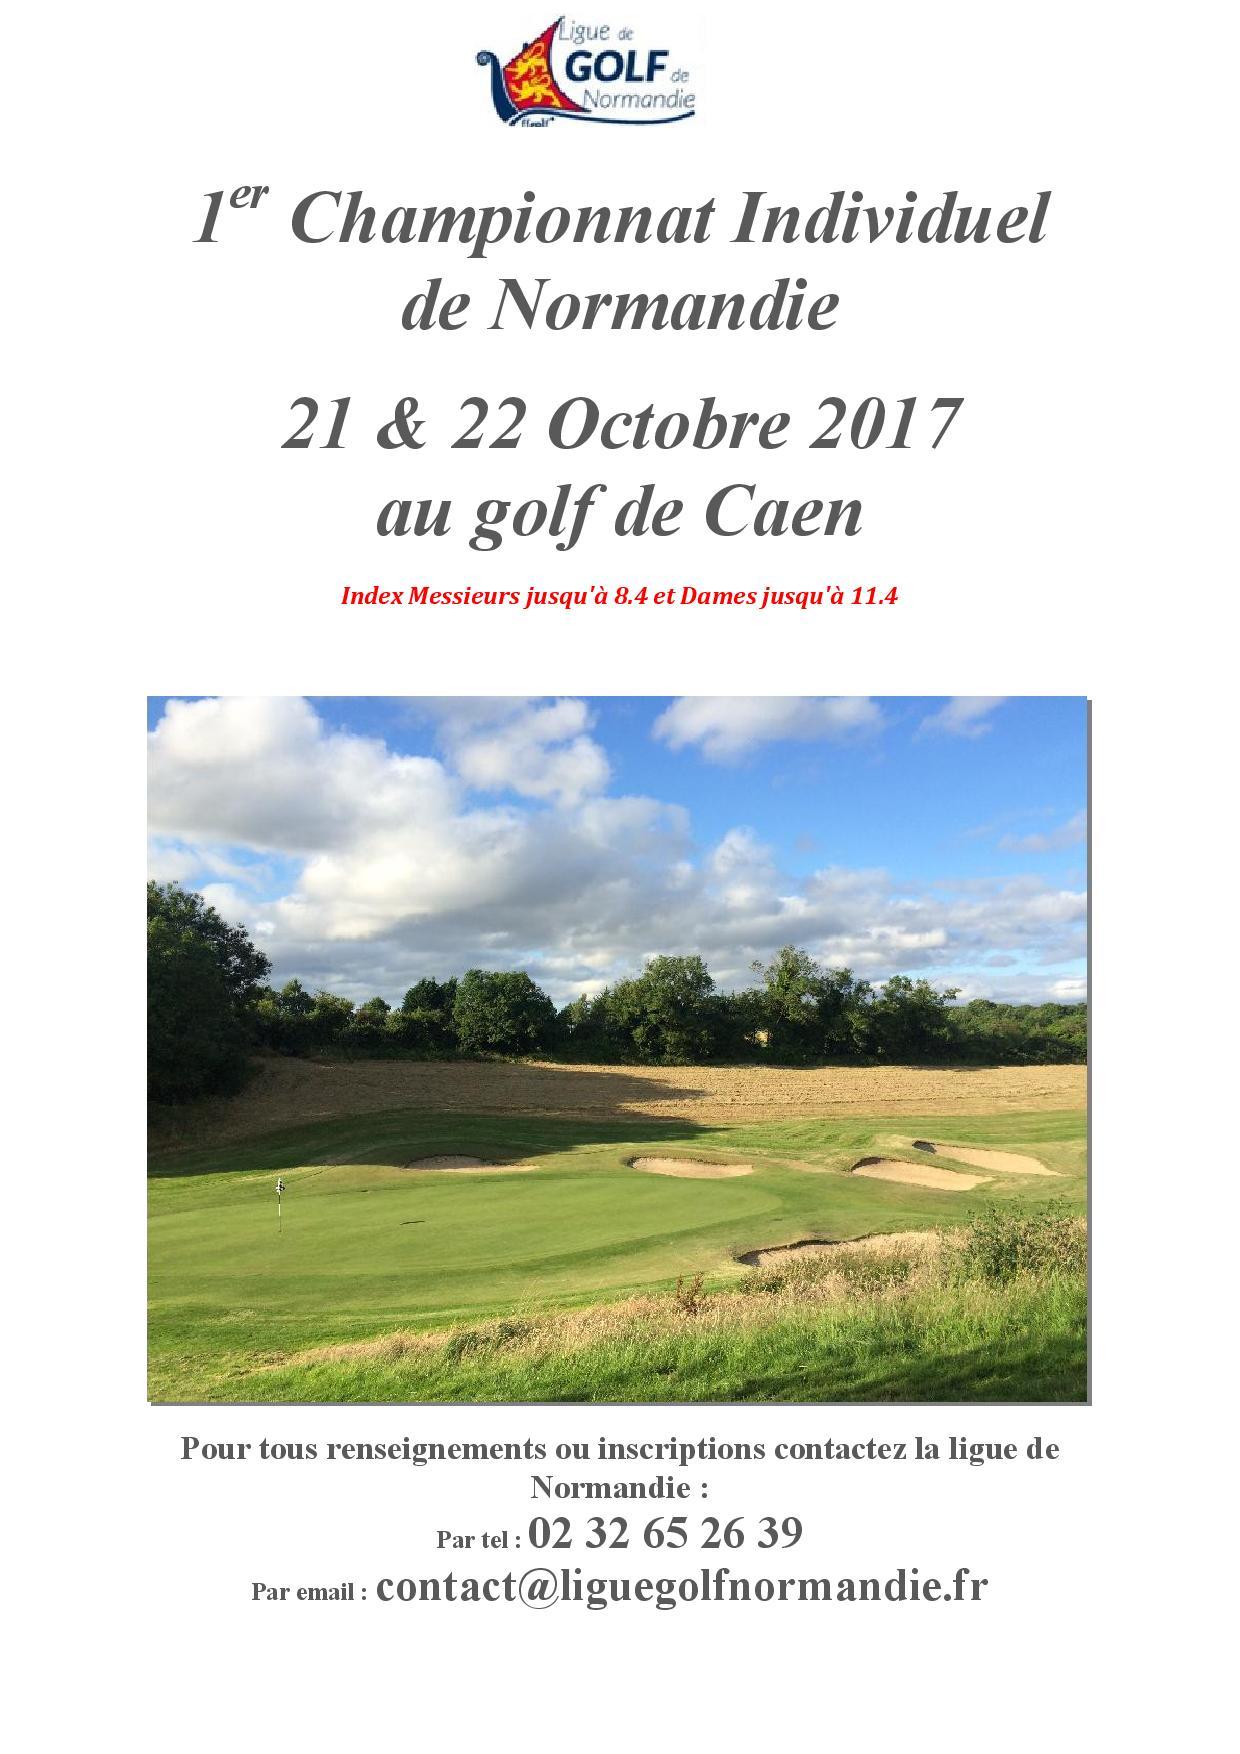 2017_chpt_indiv_normandie_affiche-page-001.jpg